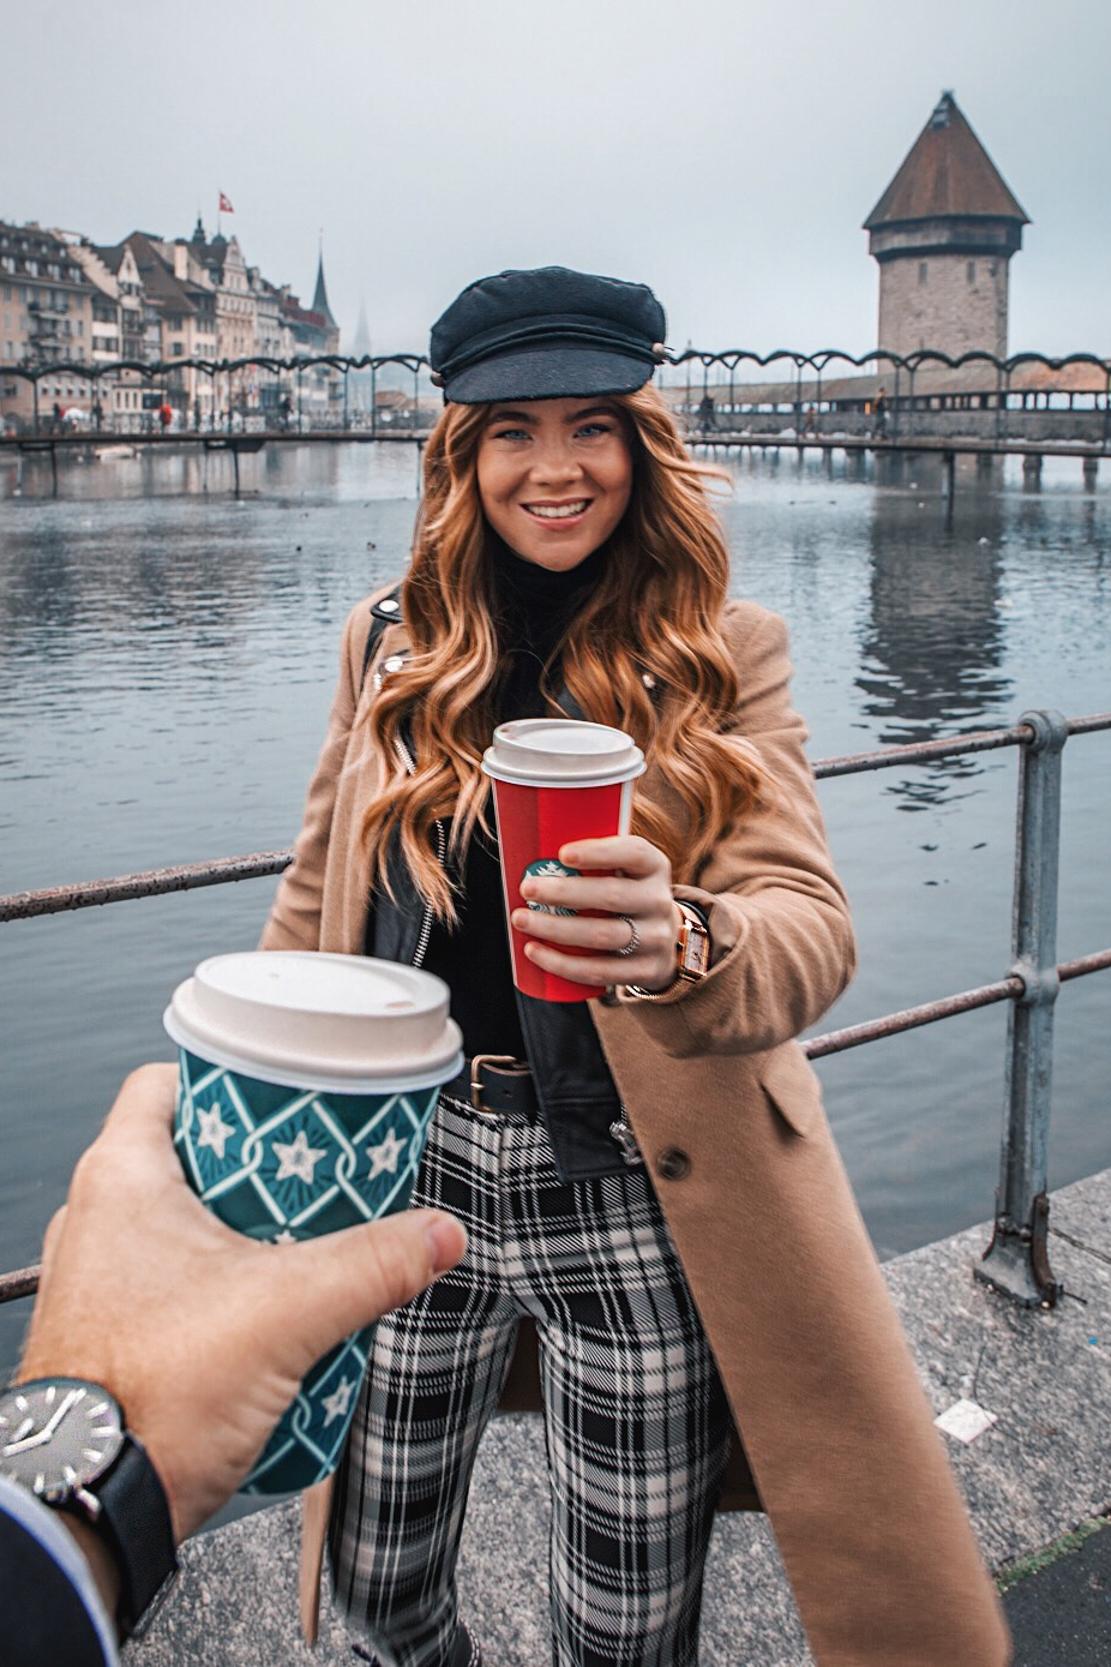 stylish-winter-outfits-switzerland-21.jpg